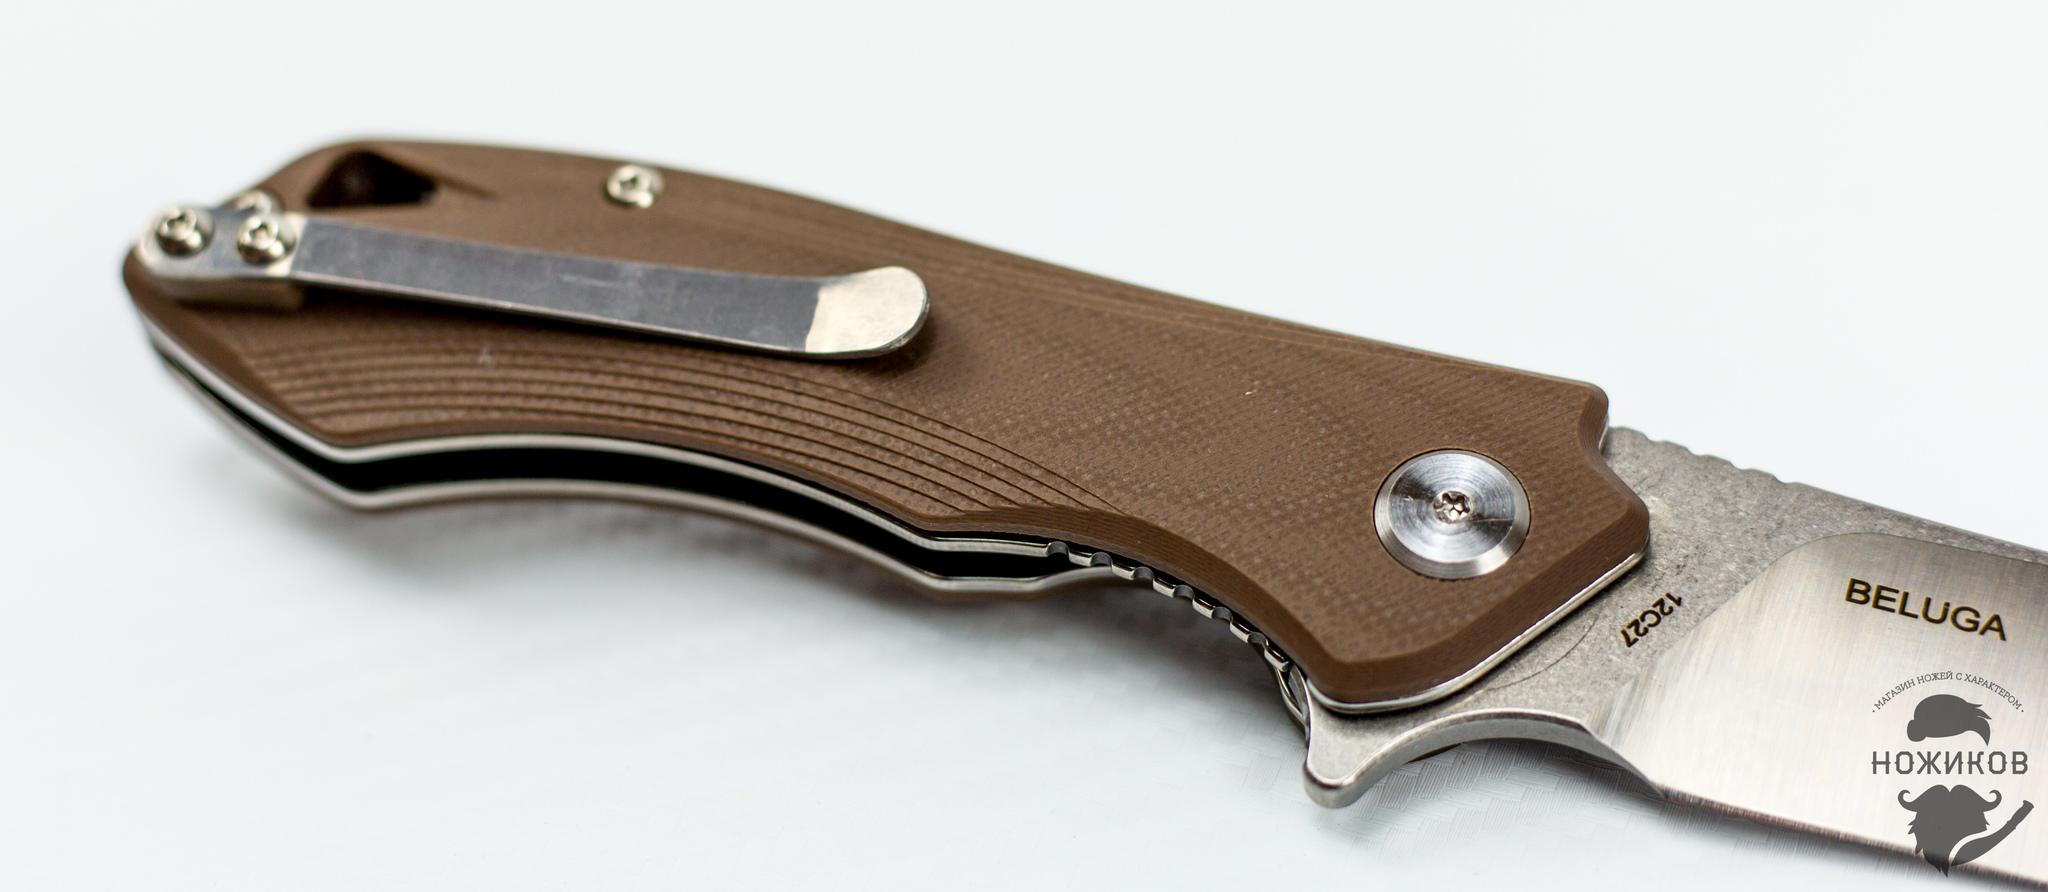 Фото 7 - Складной нож Bestech Beluga BG11C-2, сталь Sandvik 12C27 от Bestech Knives